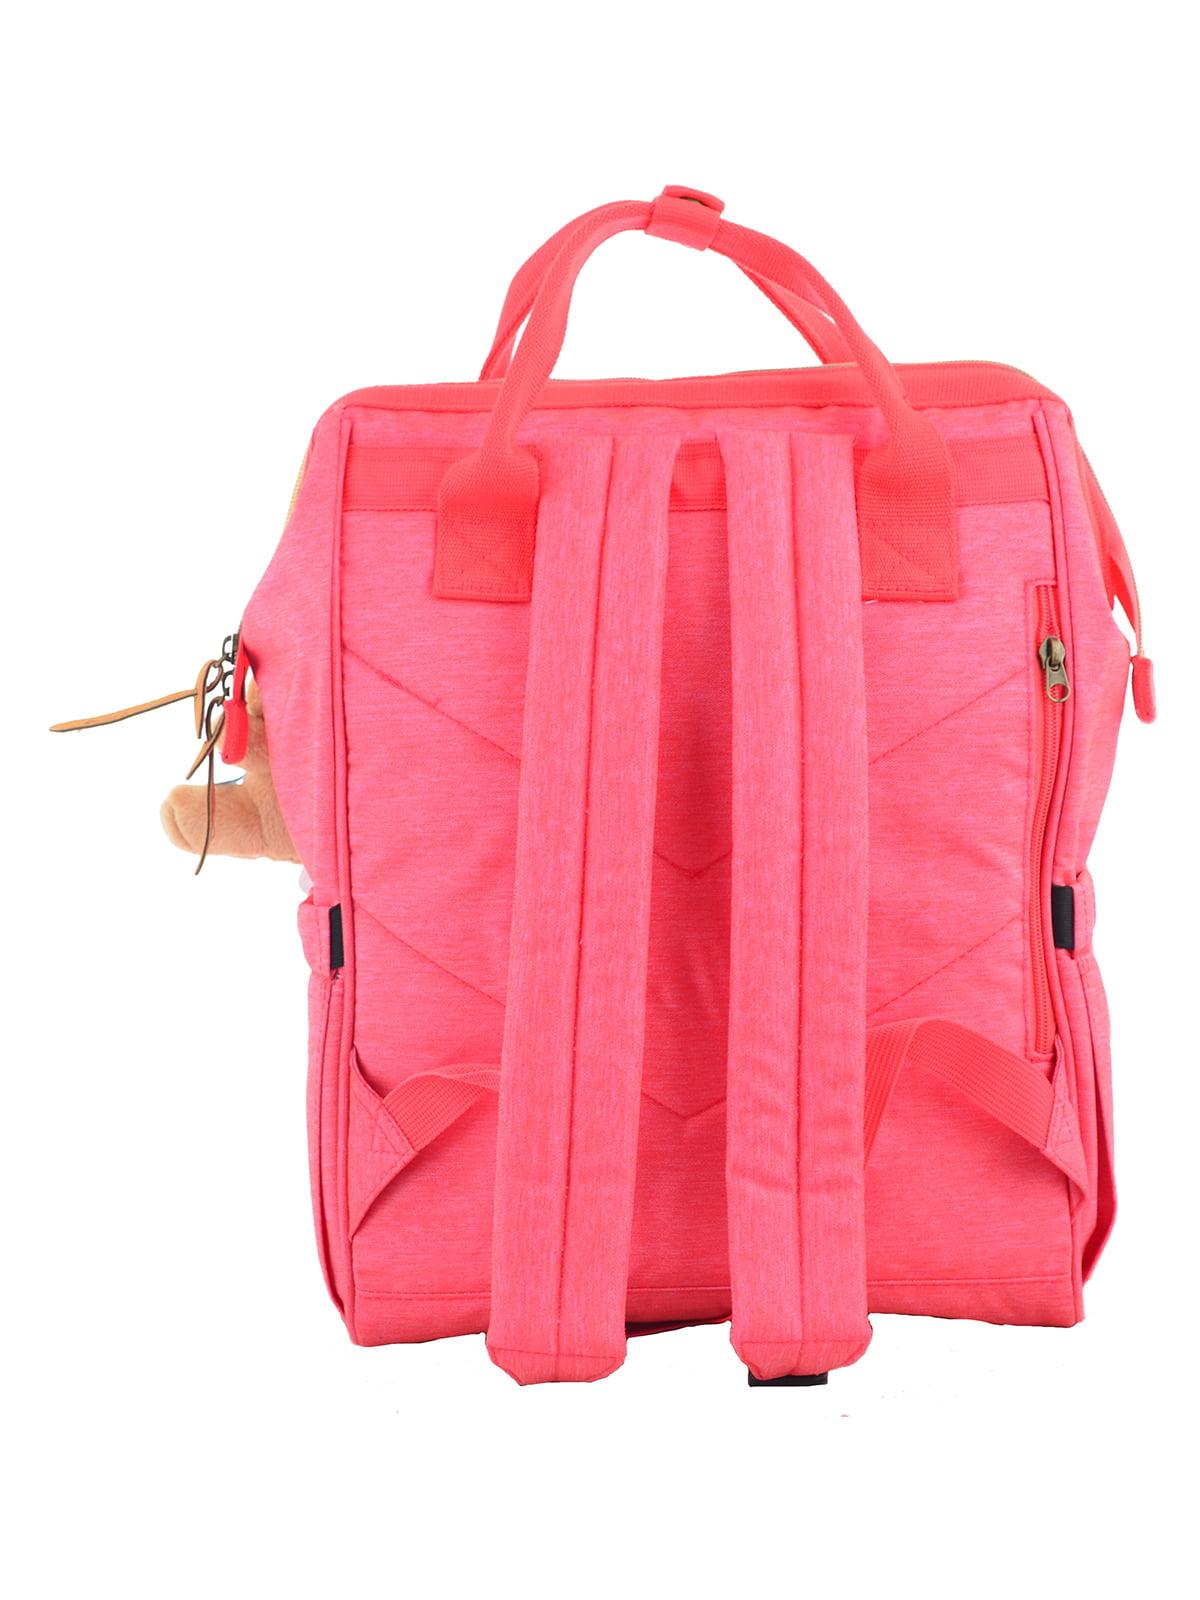 Рюкзак рожевий | 4214895 | фото 4